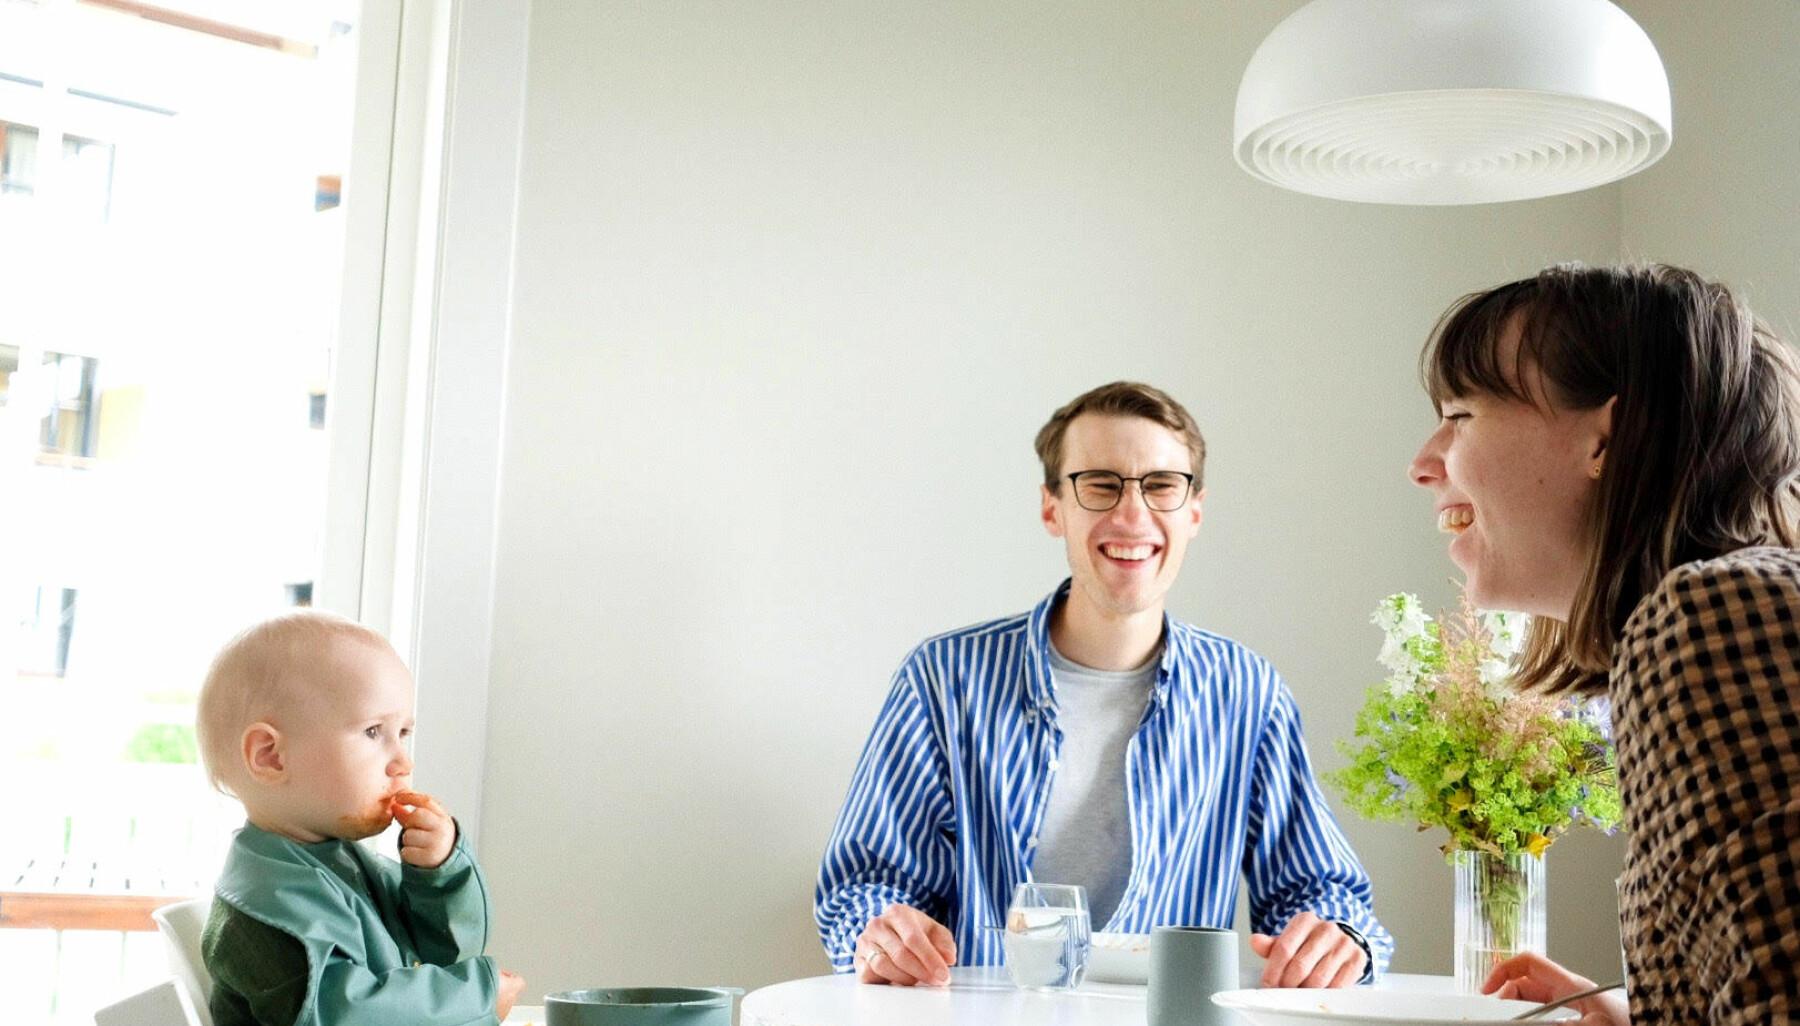 Ved bordet: Elio, Kristian og Evelyn. – Vi ler av at Elio har kommet til punktet i måltidet der han helst deler maten sin med oss og gulvet. Blomstene fra visninga har begynt å visne i bakgrunnen.